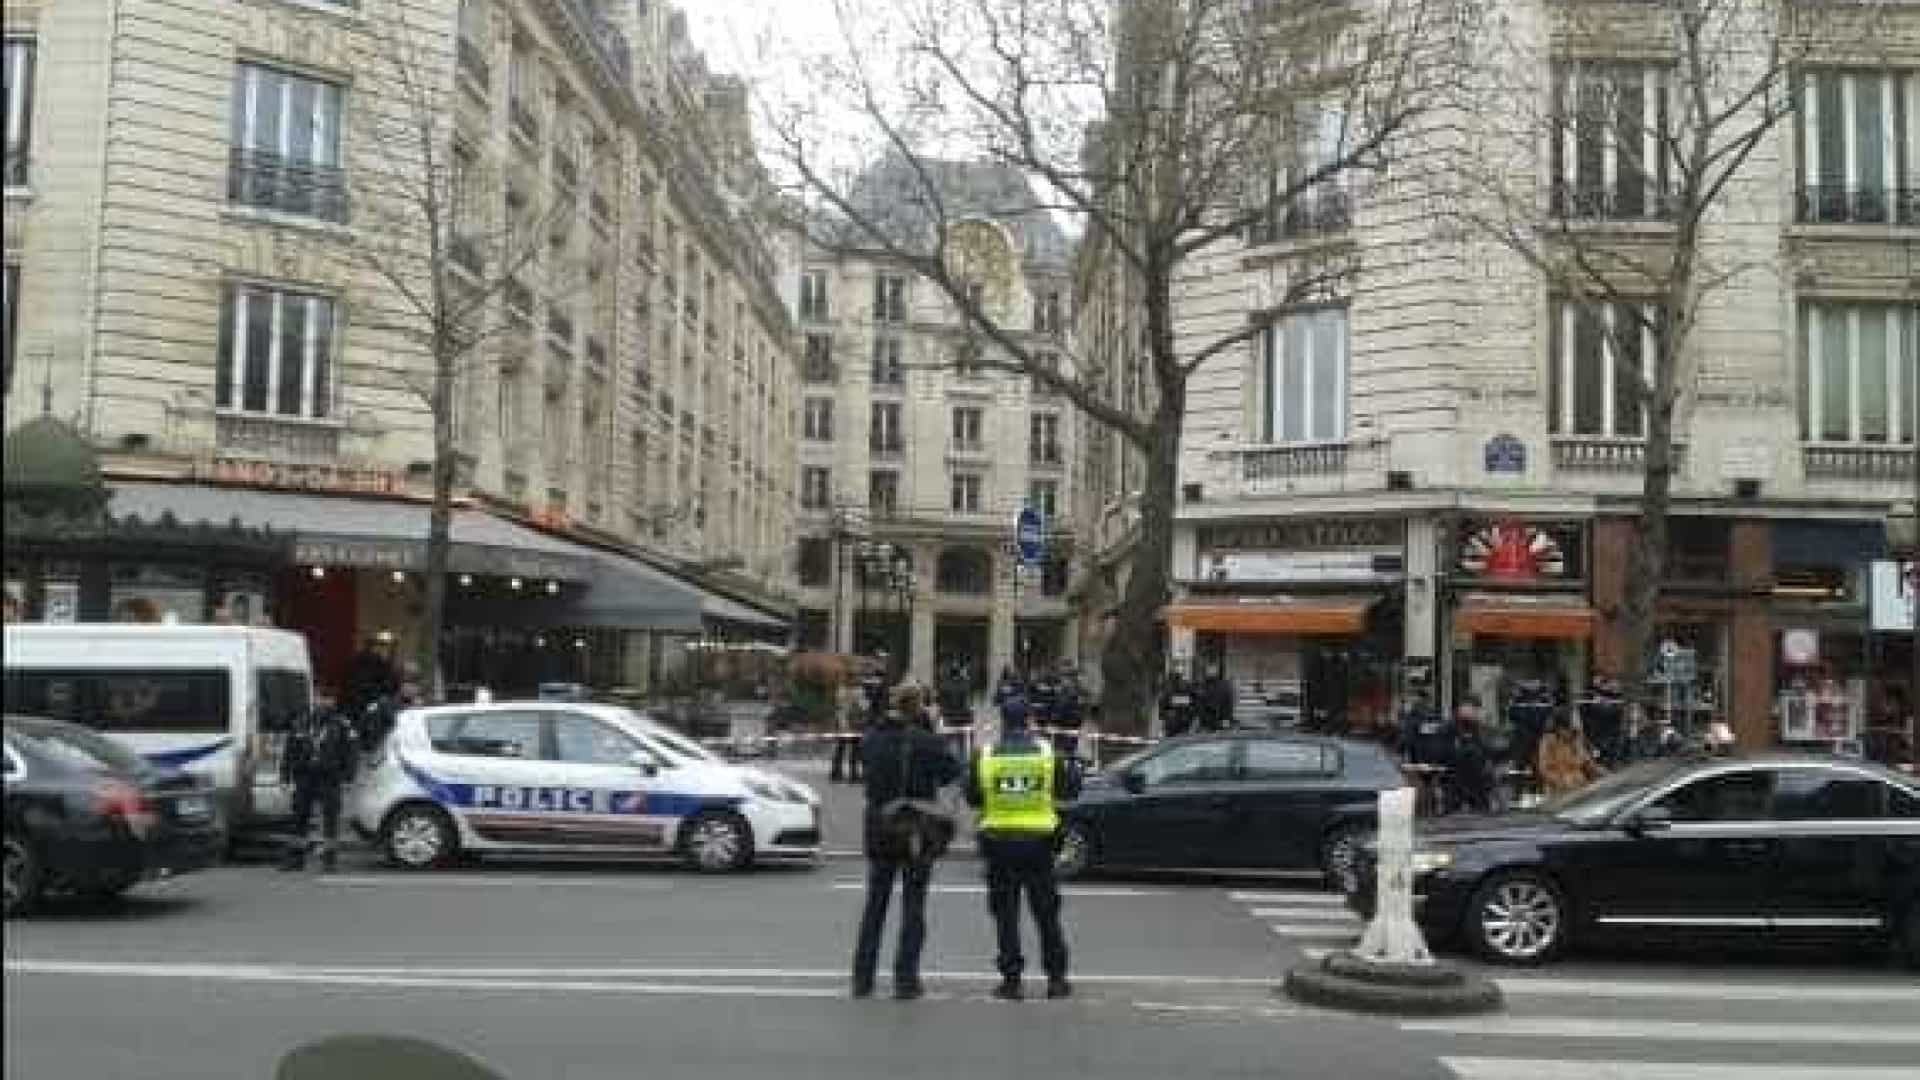 Procuradoria de Paris evacuada devido a ameaça de bomba anónima